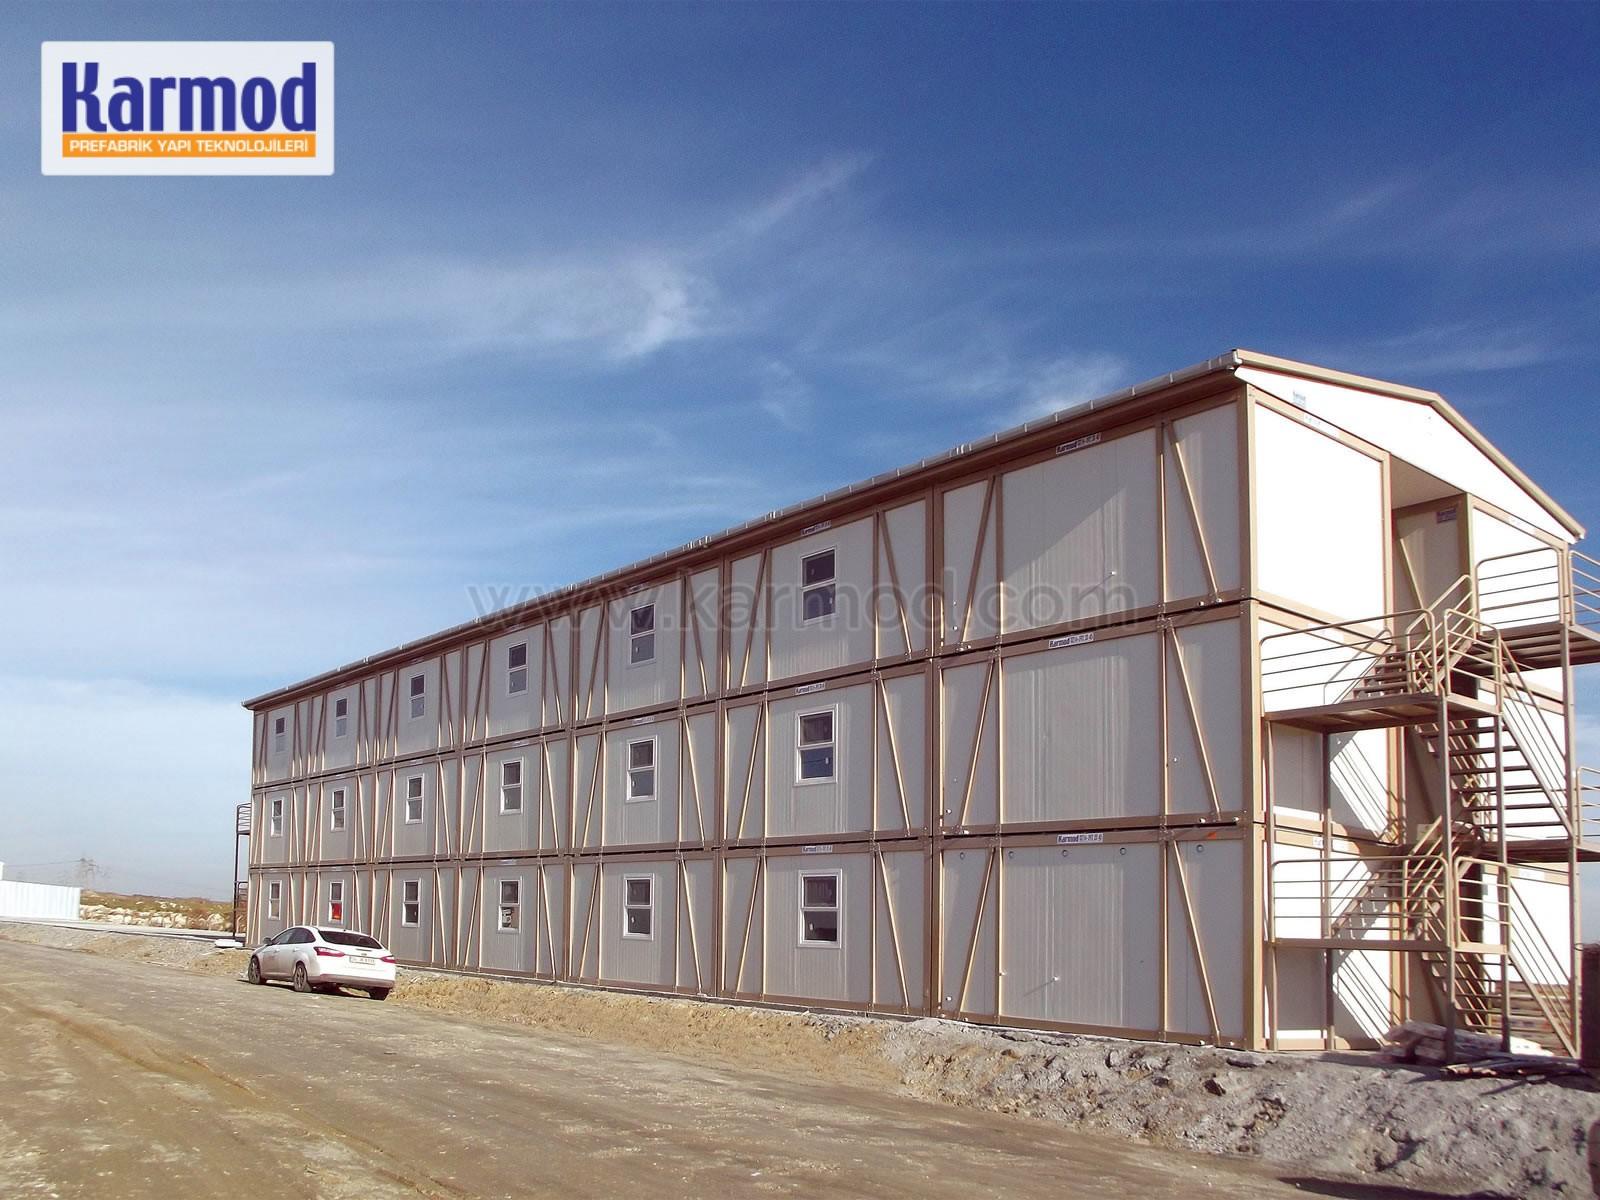 Remote Workforce Housing